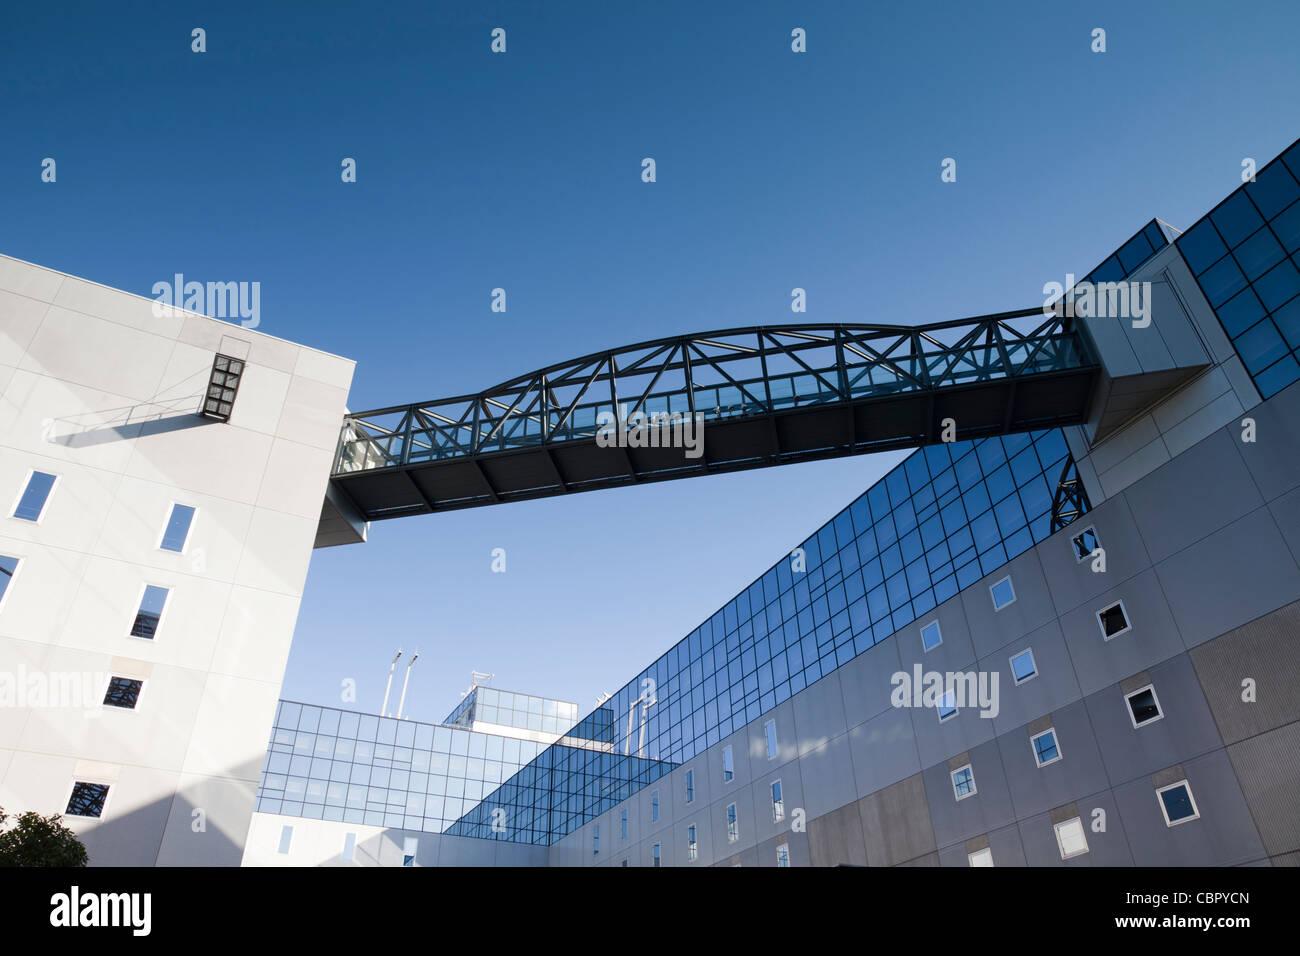 Architettura moderna a Kyoto stazione ferroviaria, Giappone. Immagini Stock